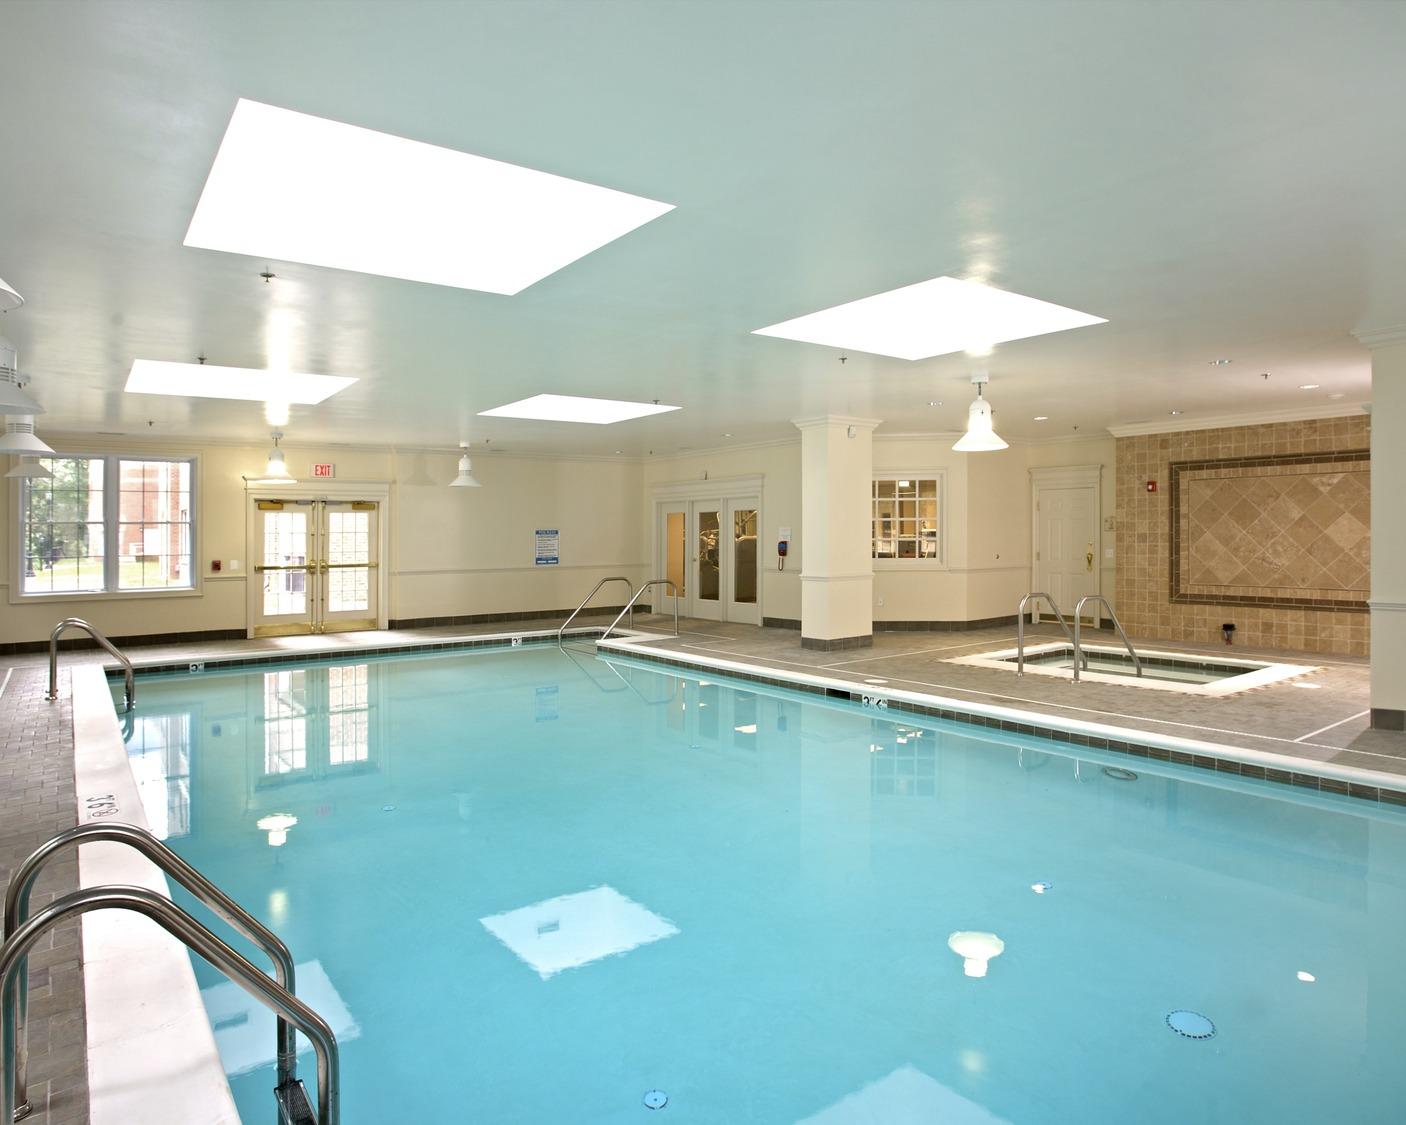 CBG builds The Woodlands, a 110-Unit Luxury Senior Living Campus in Fairfax, VA - Image #5